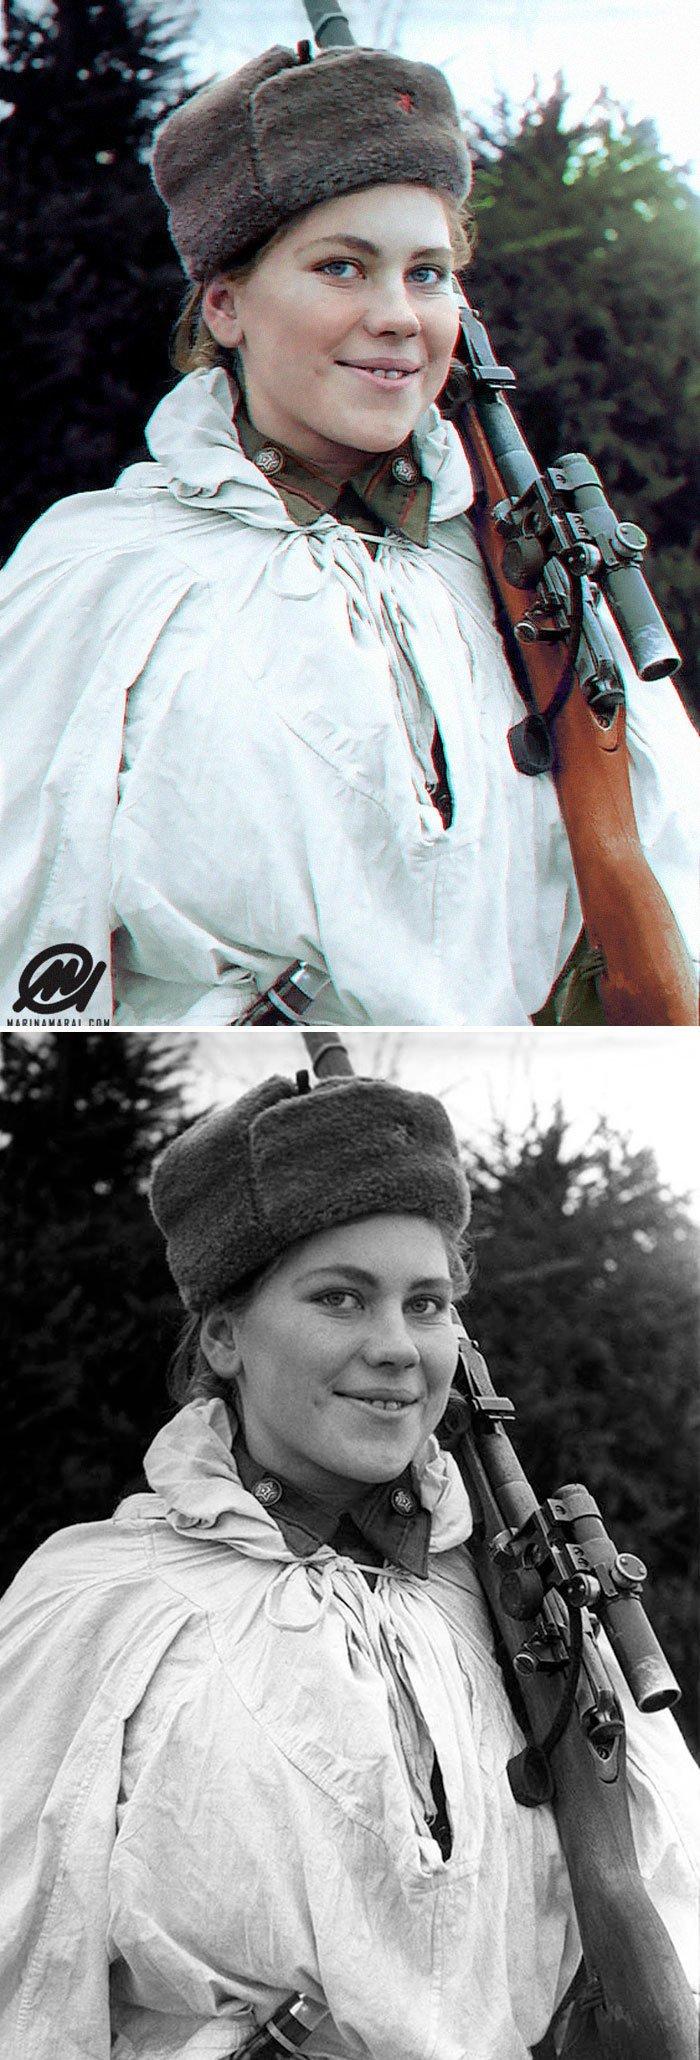 Роза Шанина, 19-летняя девушка-снайпер Второй мировой войны с 59 подтвержденными убийствами история, портрет, прошлое, событие, фотография, фотомир, цвет